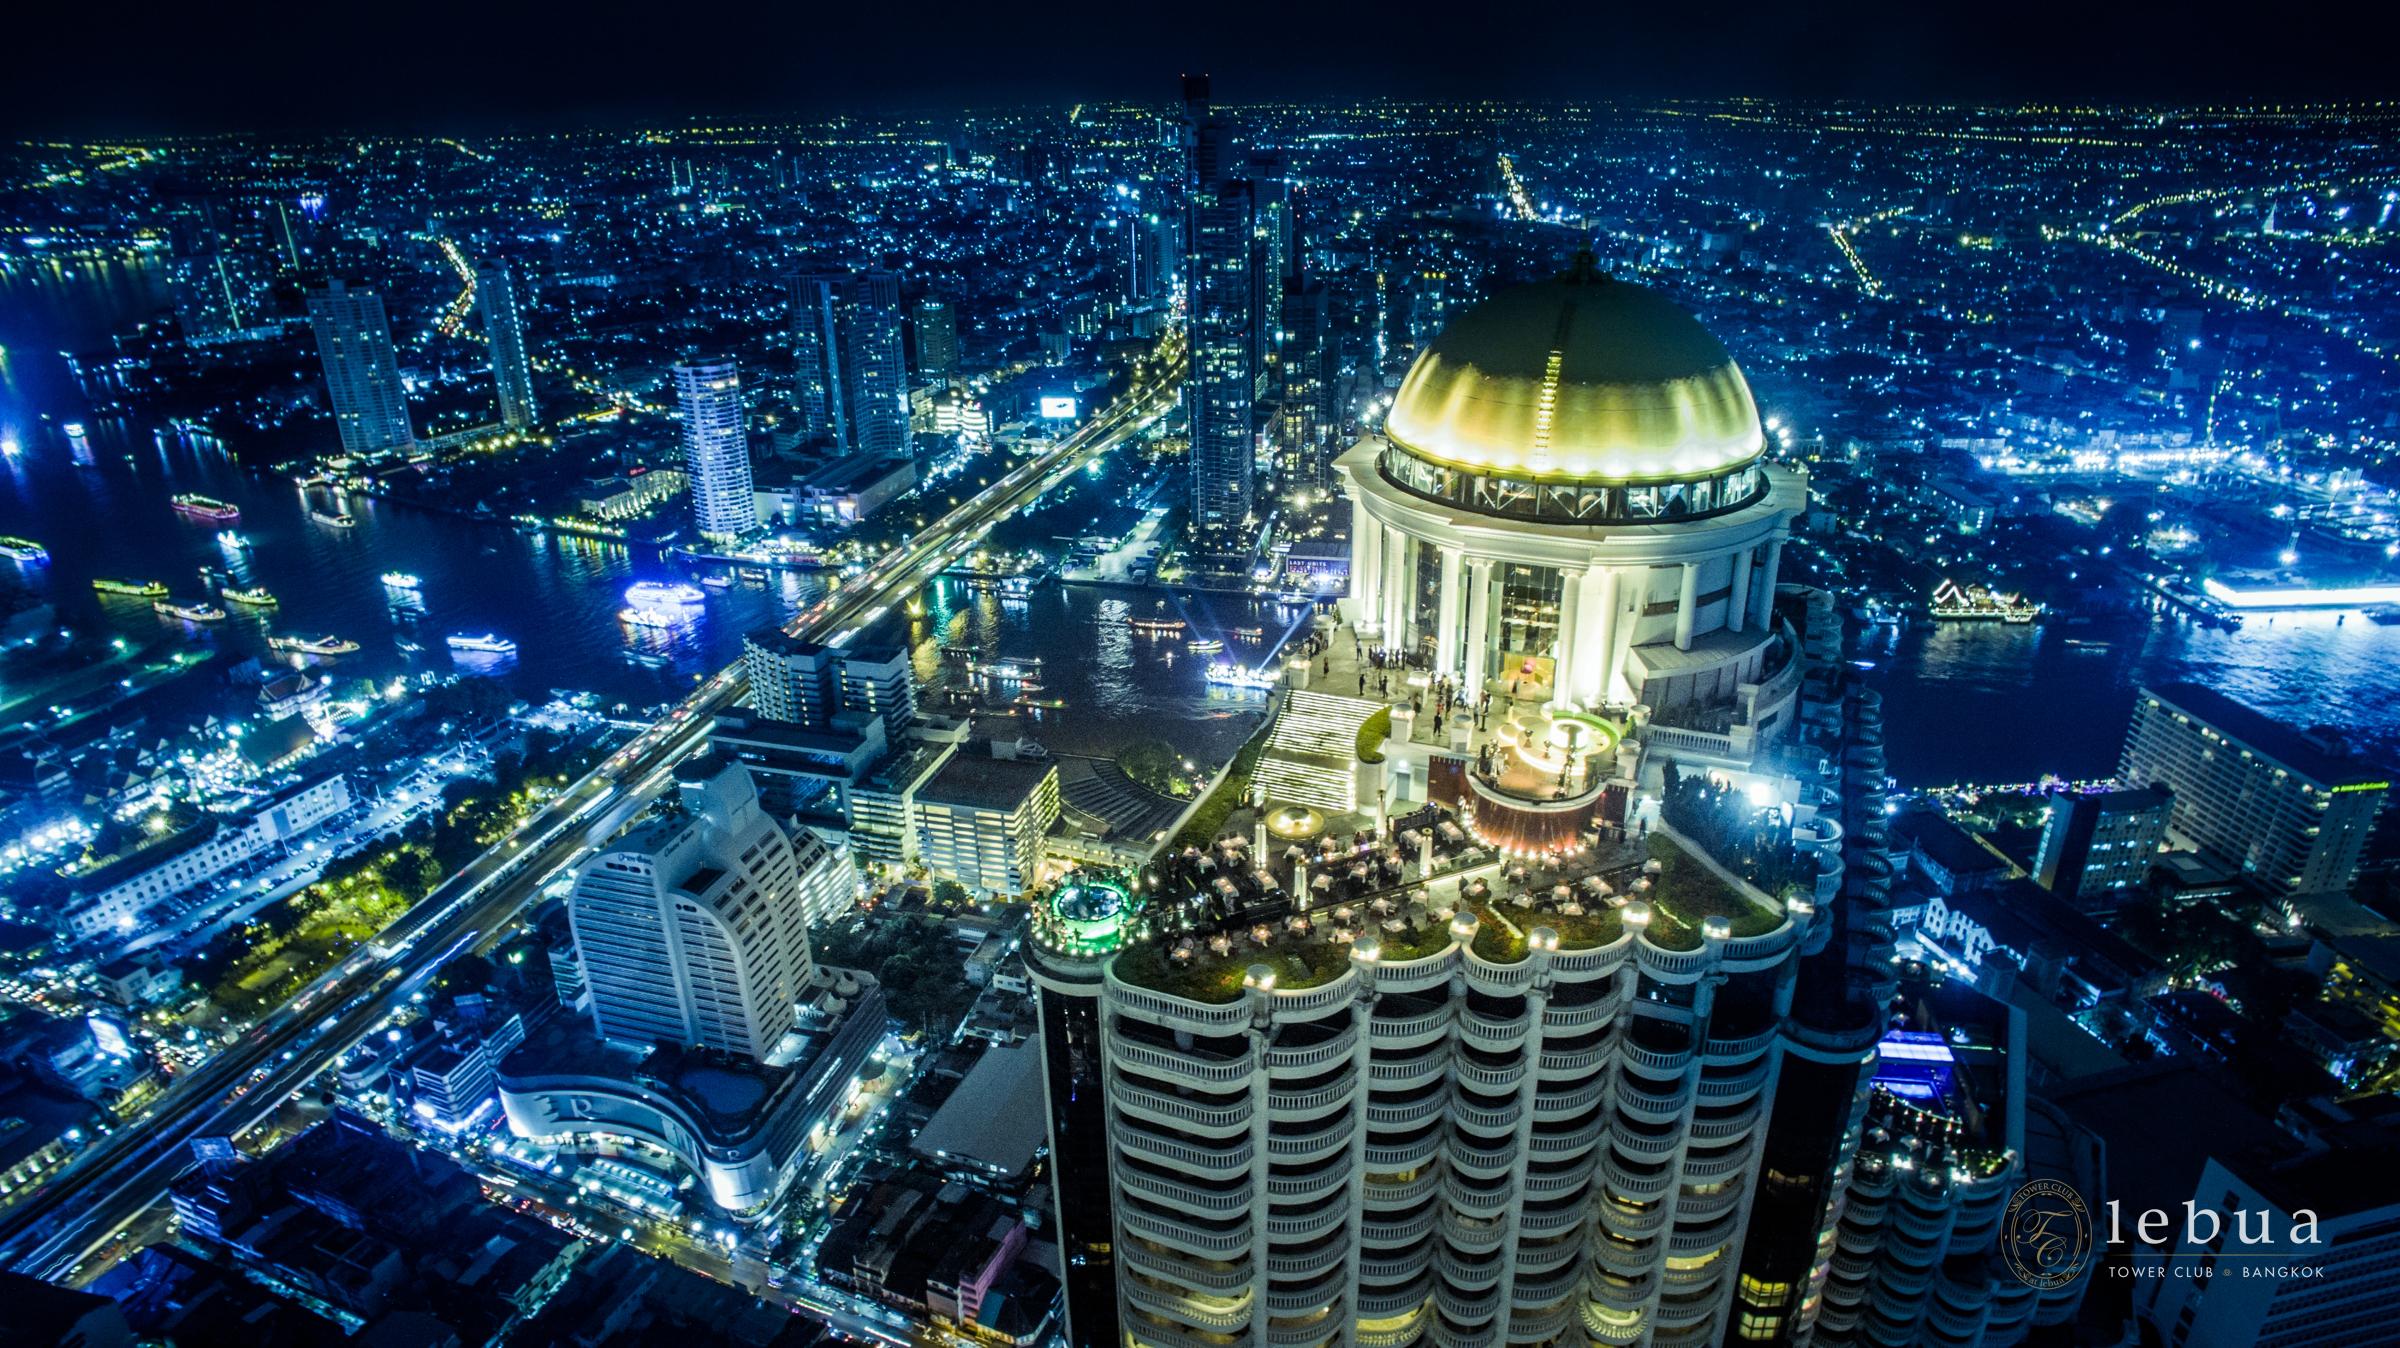 Tower Club at lebua, Bang Rak